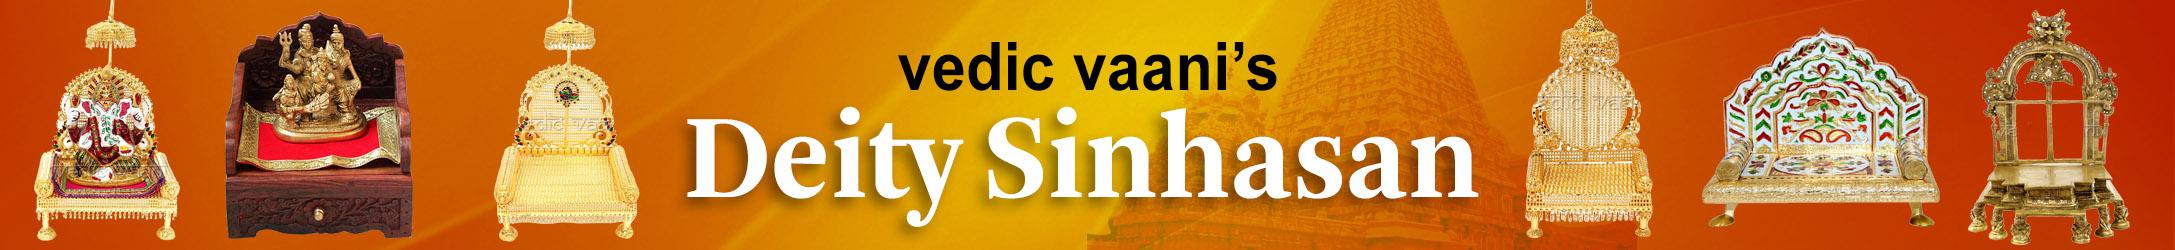 Deity Sinhasan